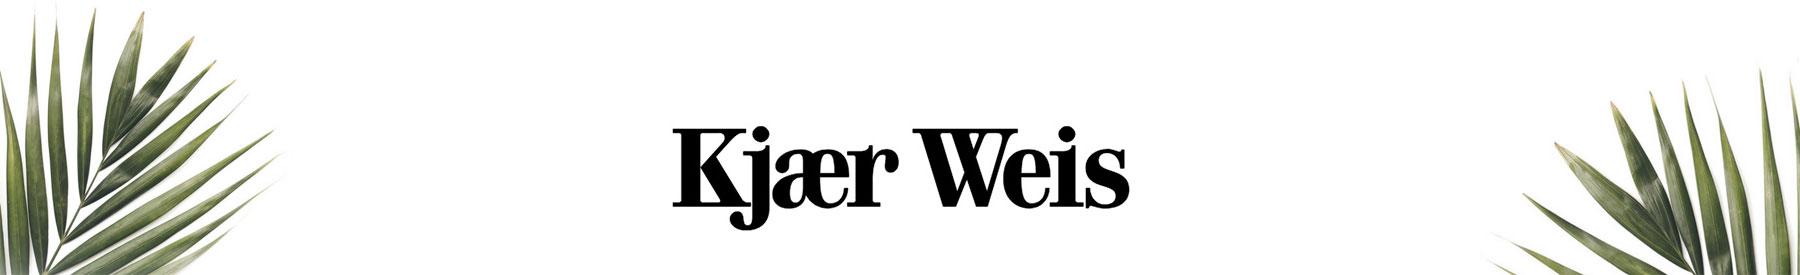 Kjaer Weis at HAUS